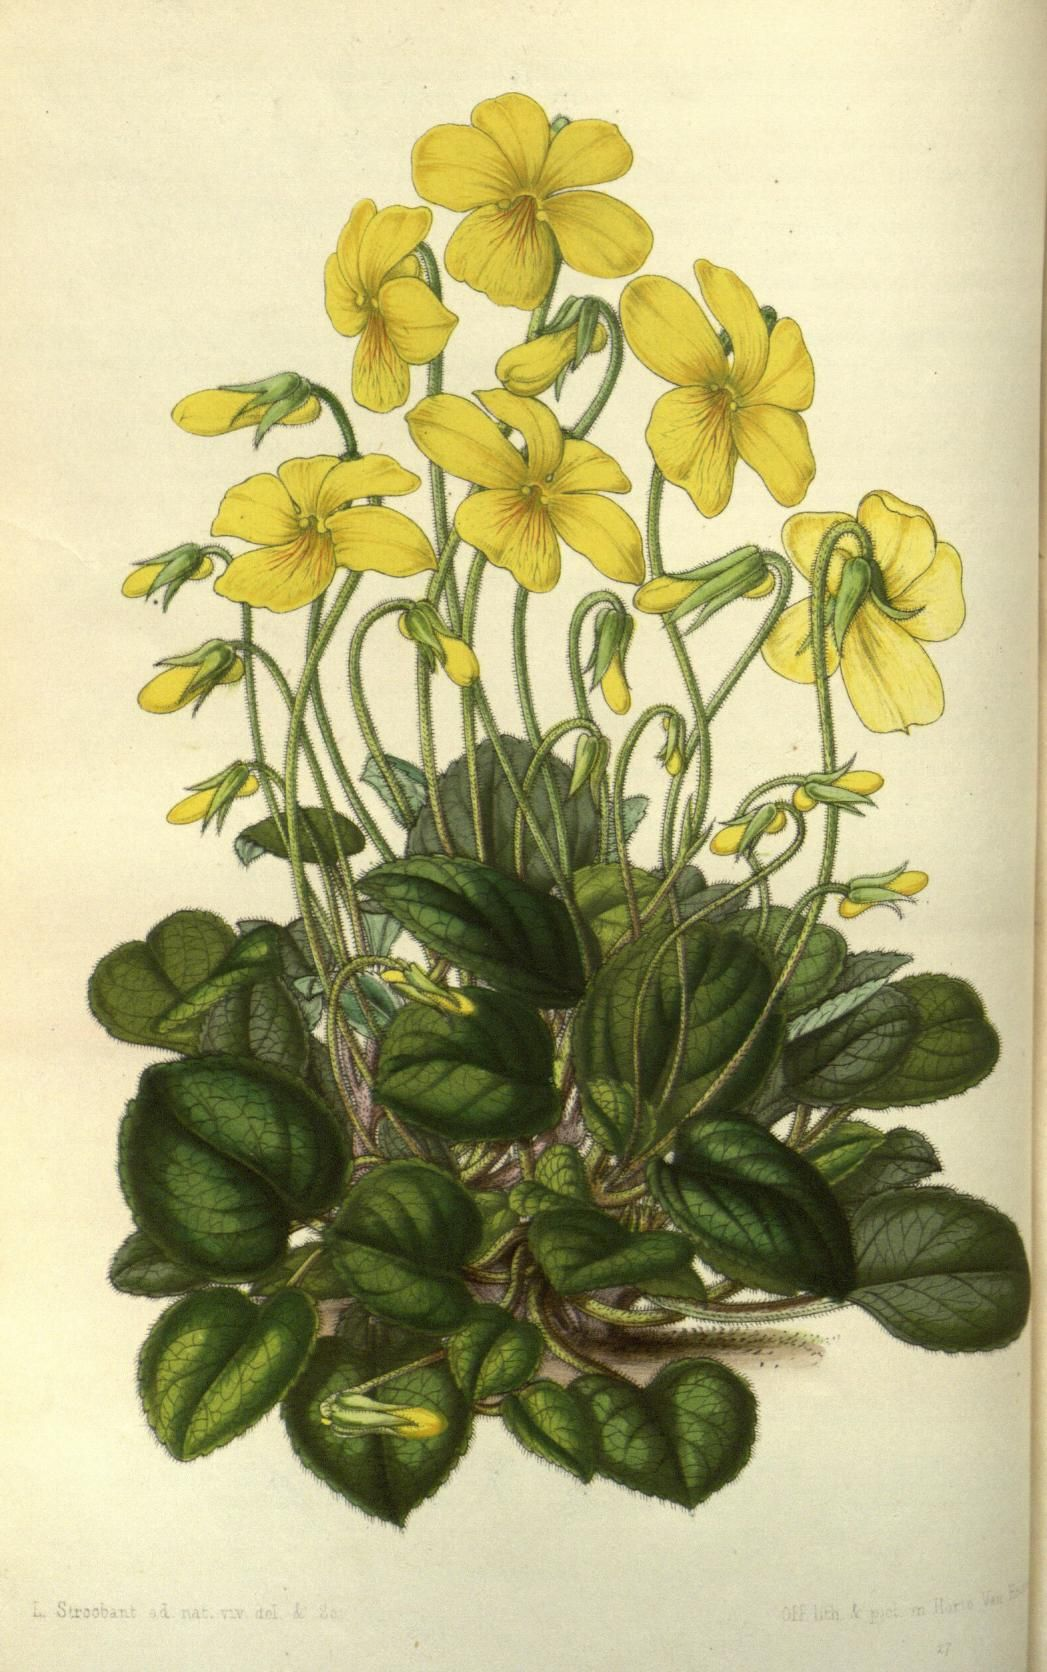 Viola pyrolæfolia